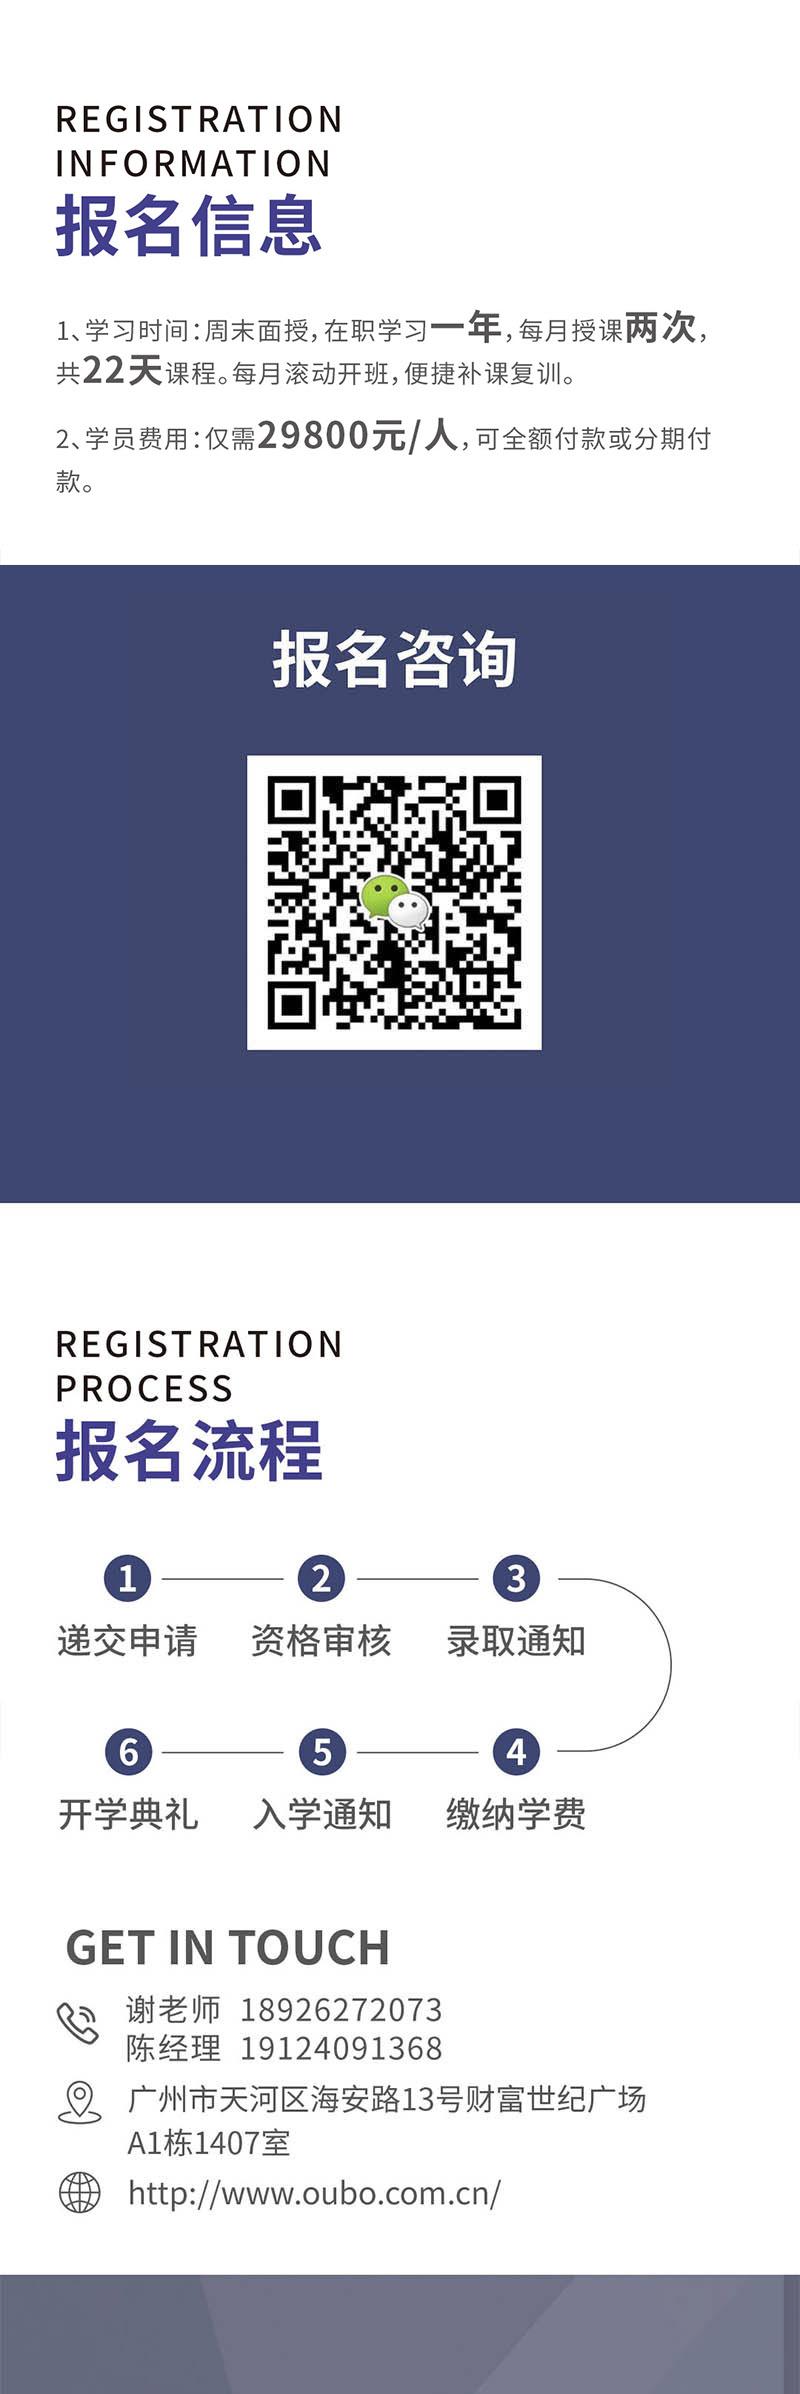 微信图片_20201216165537.jpg